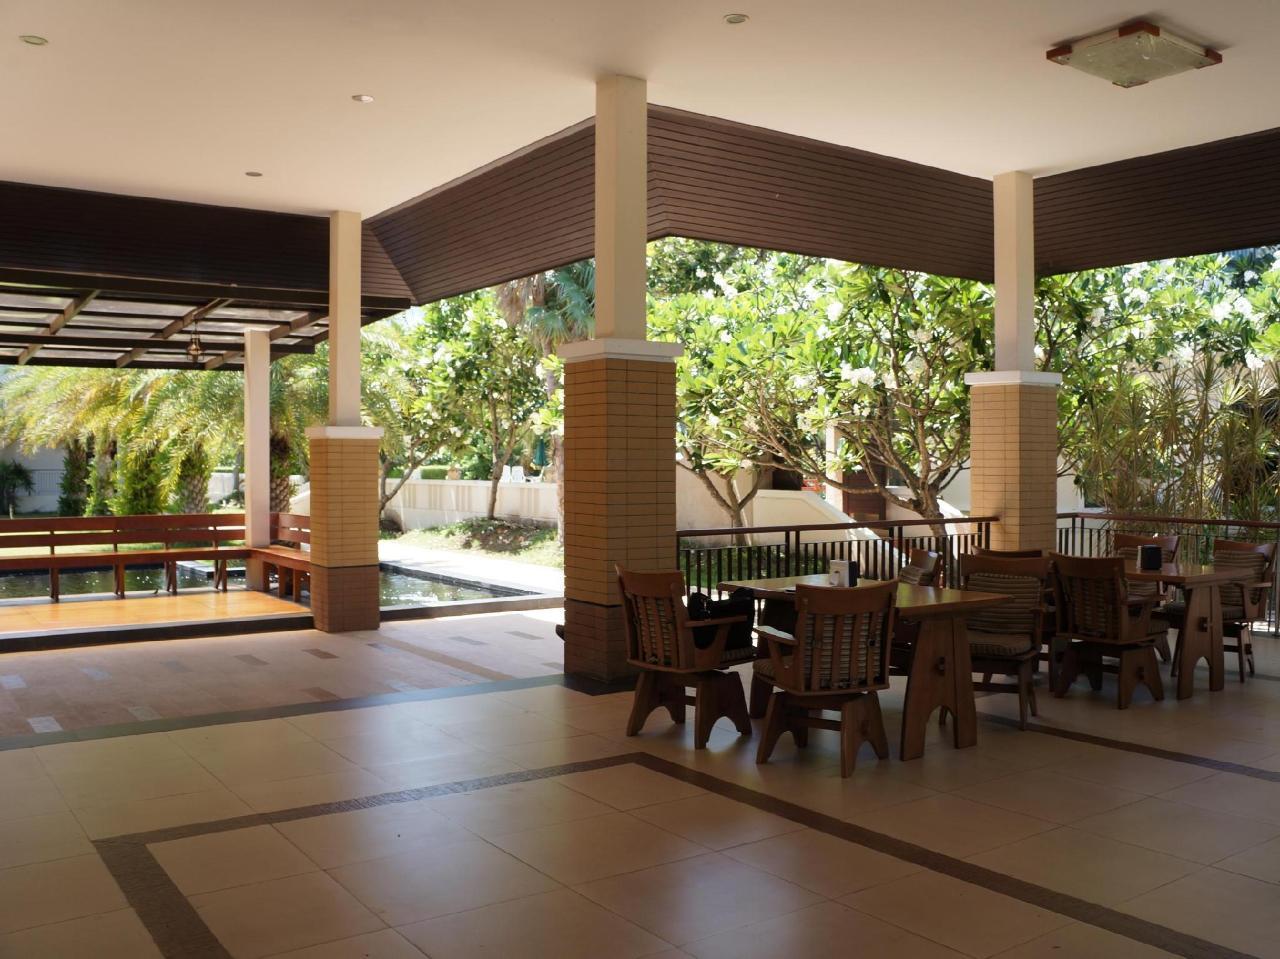 โรงแรมธารากูล (Tarakool Hotel)